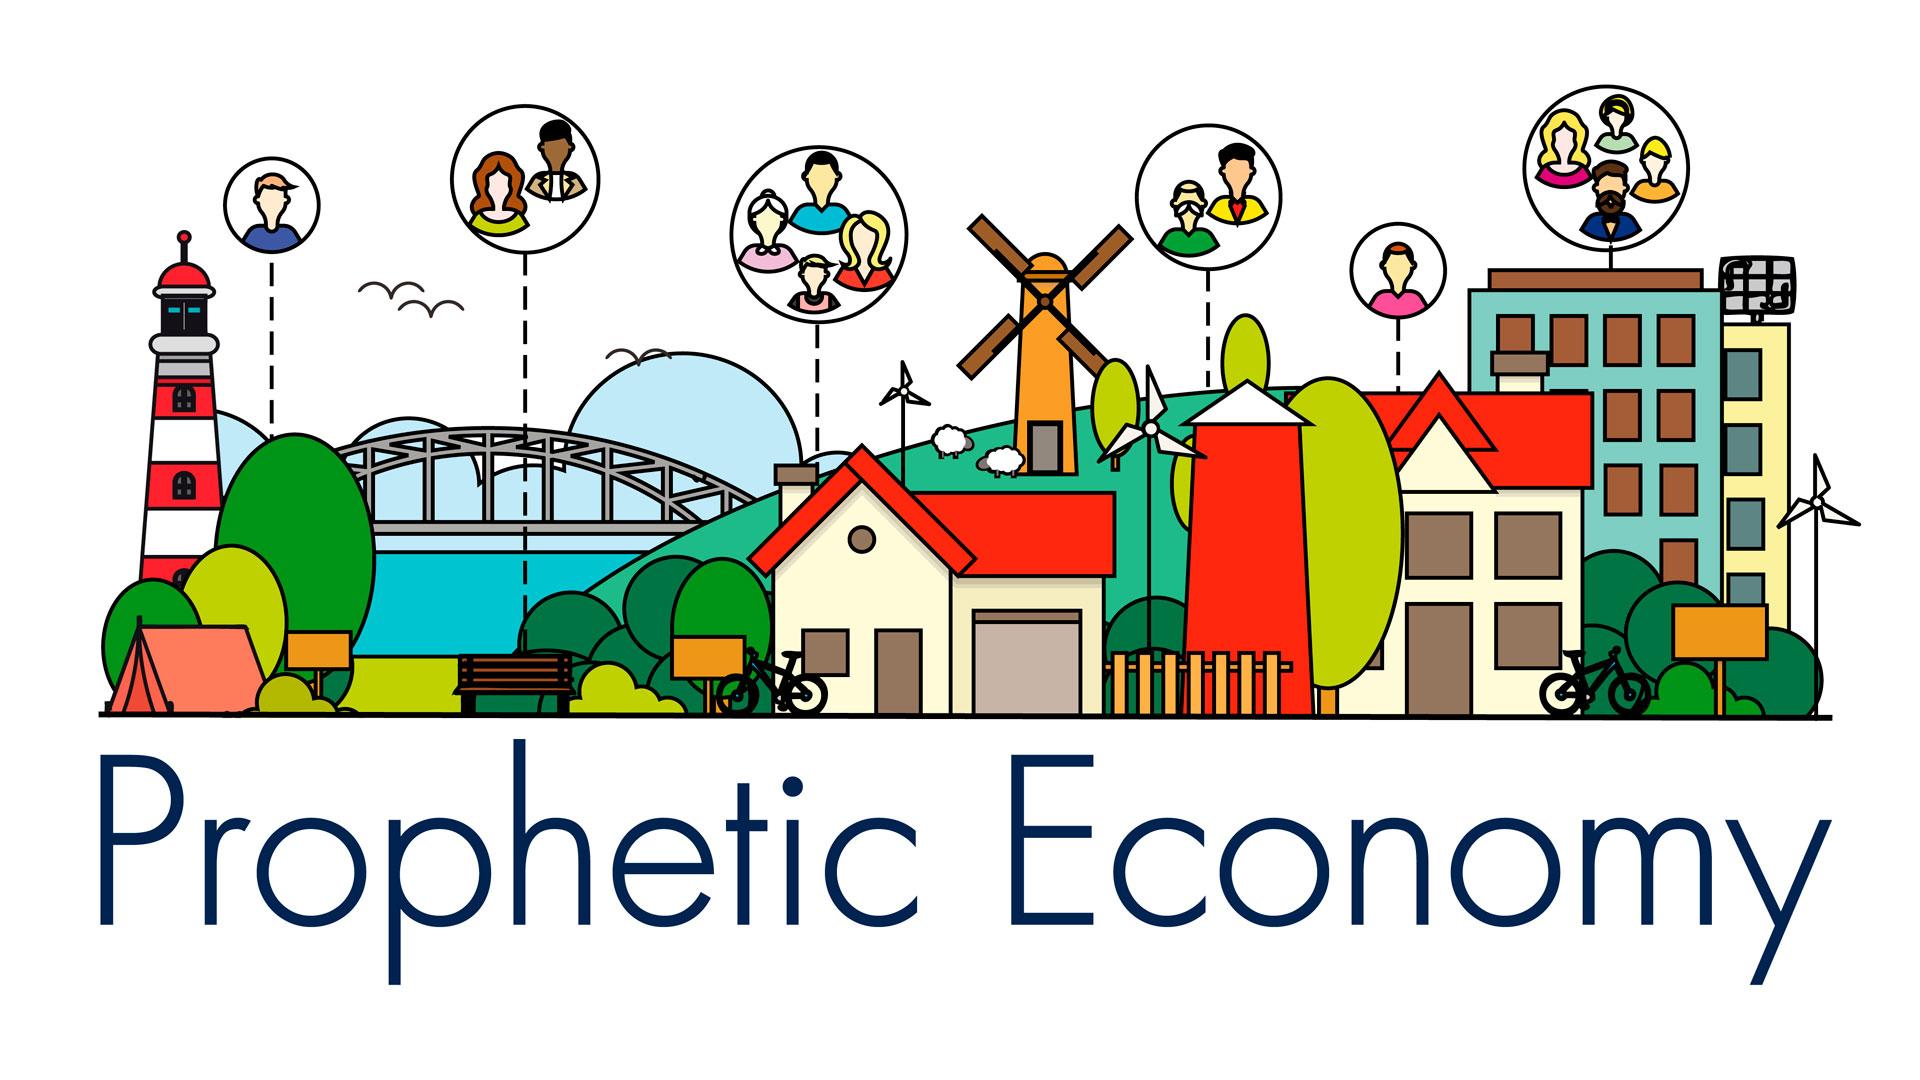 Prophetic Economy - Nuovi Orizzonti